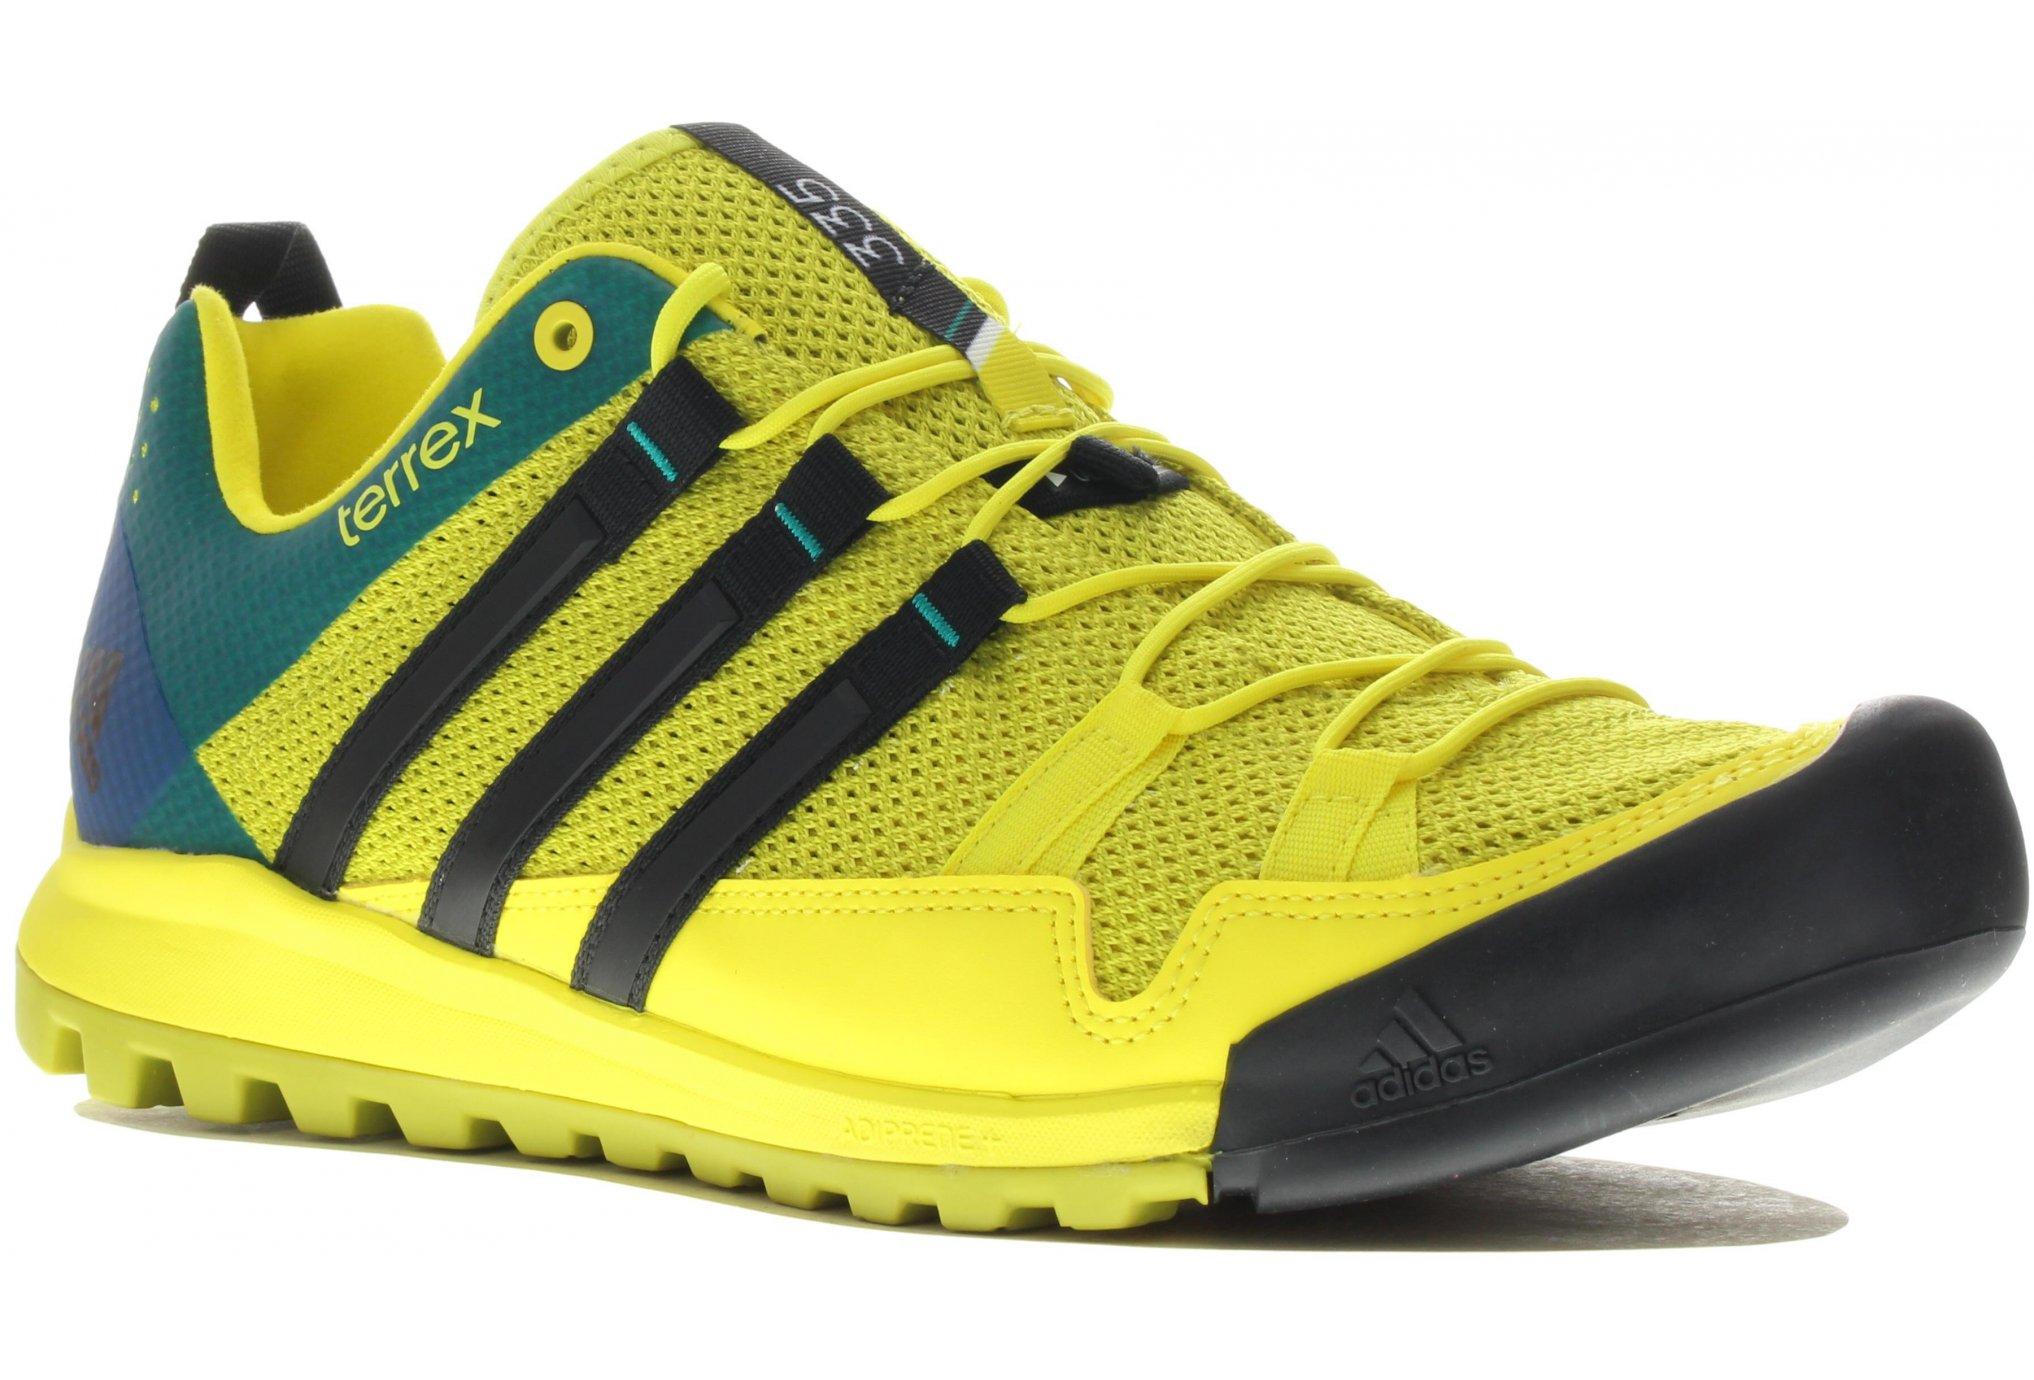 Diététique Chaussures Solo Resathlon Terrex Adidas Homme M wAInvPq